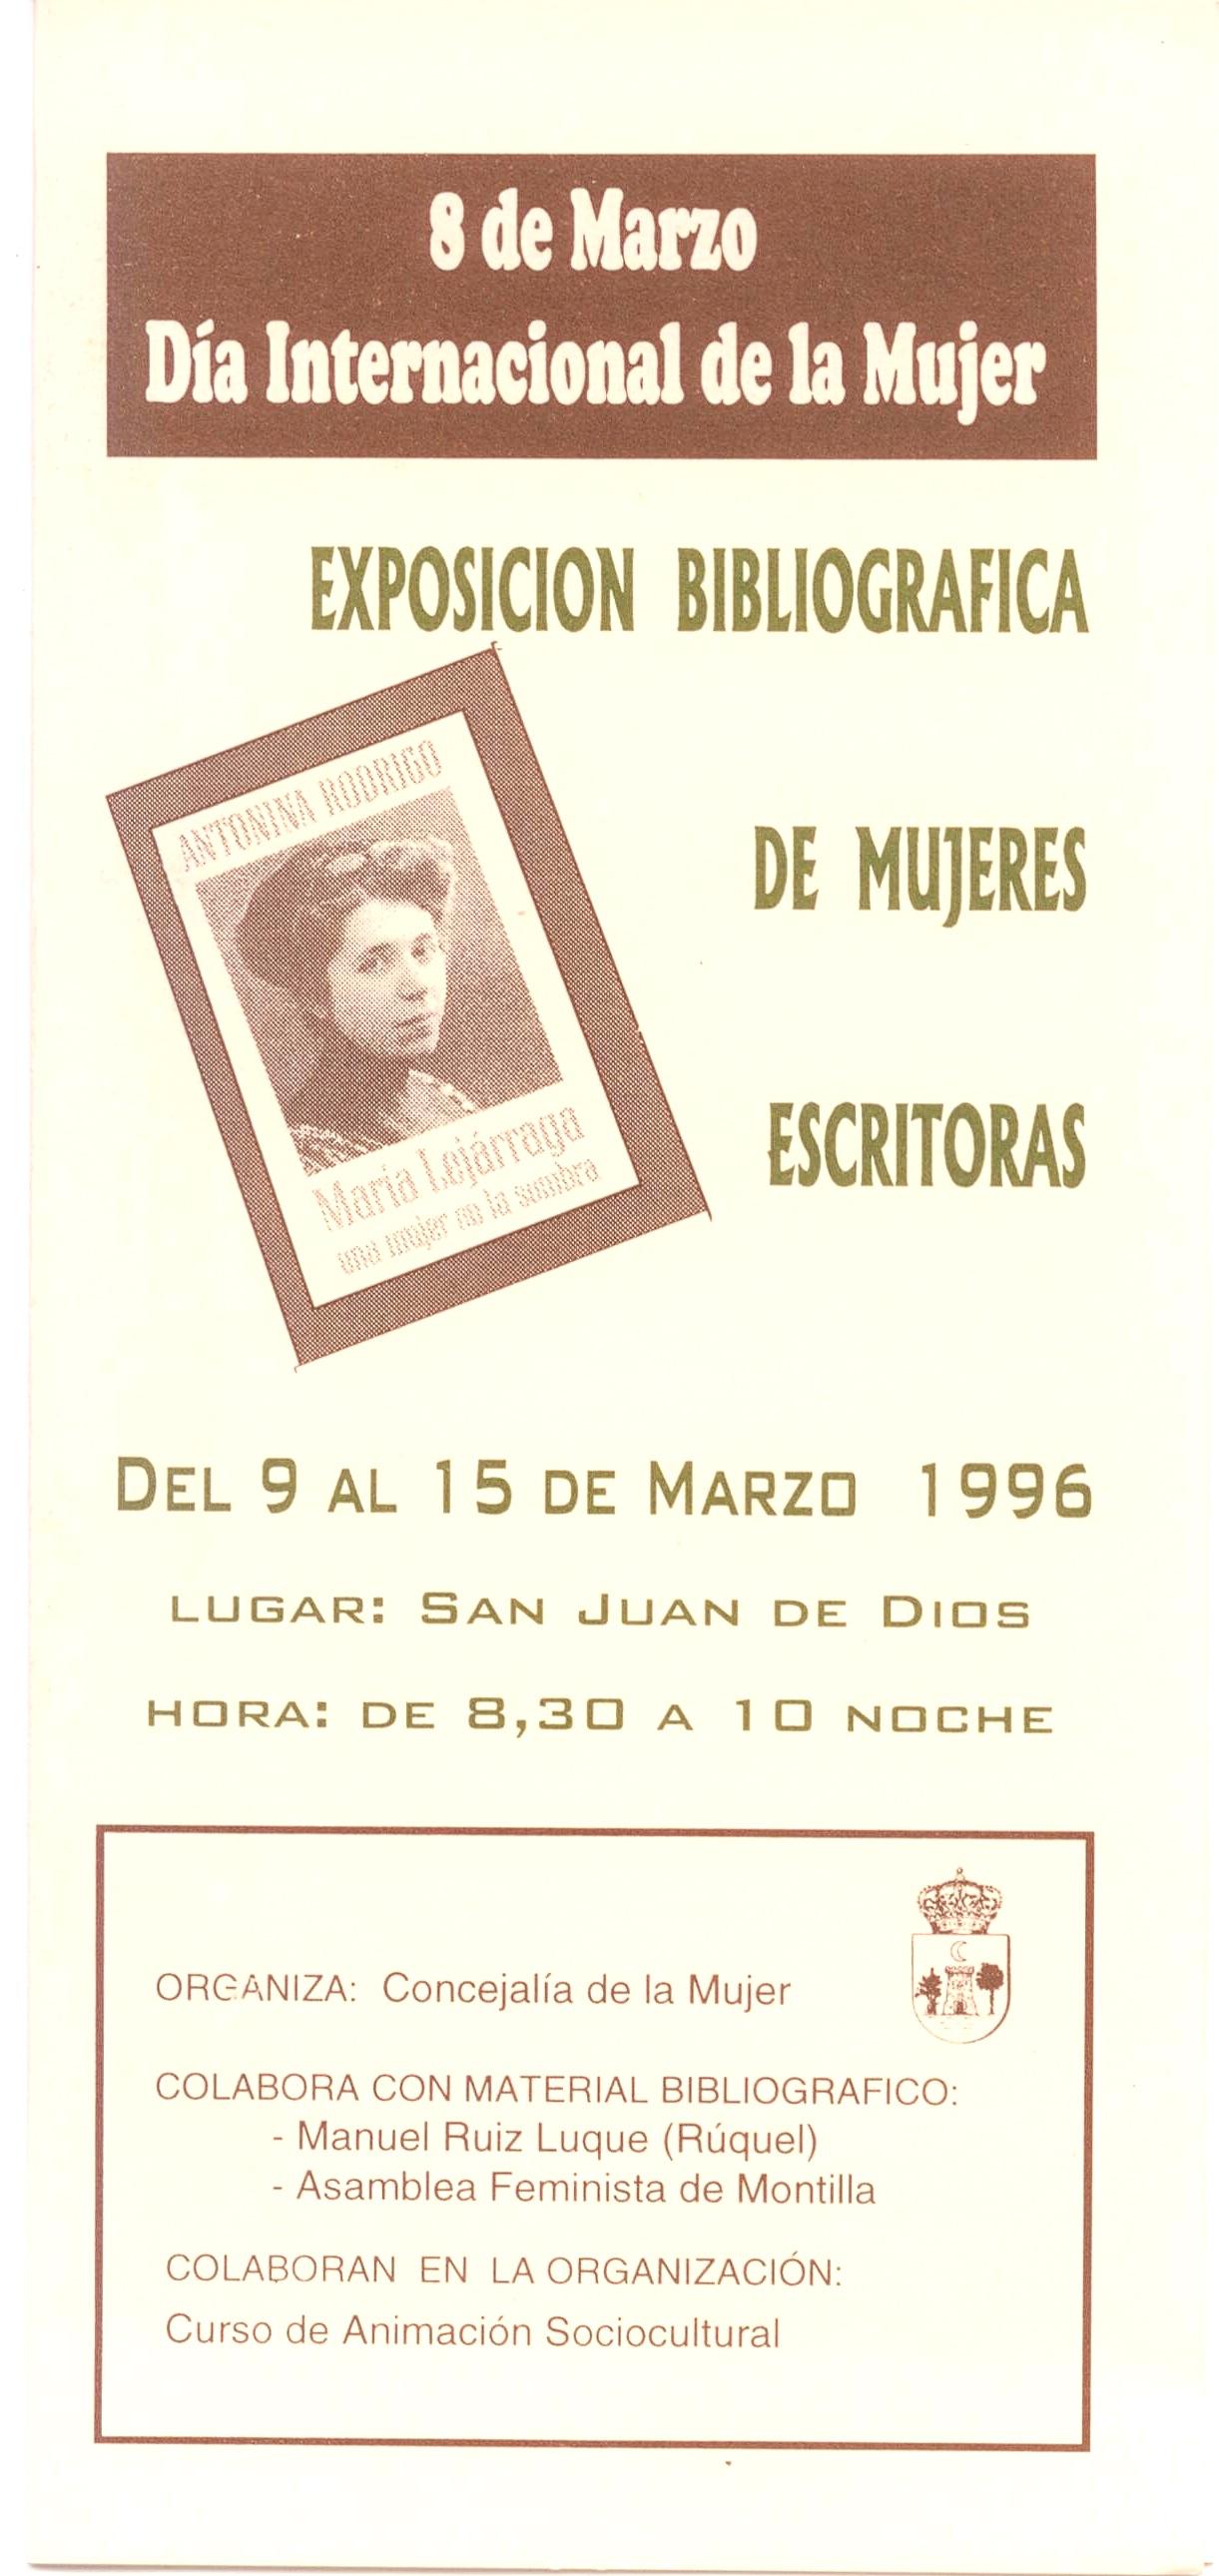 Exposición bibliográfica de mujeres escritoras